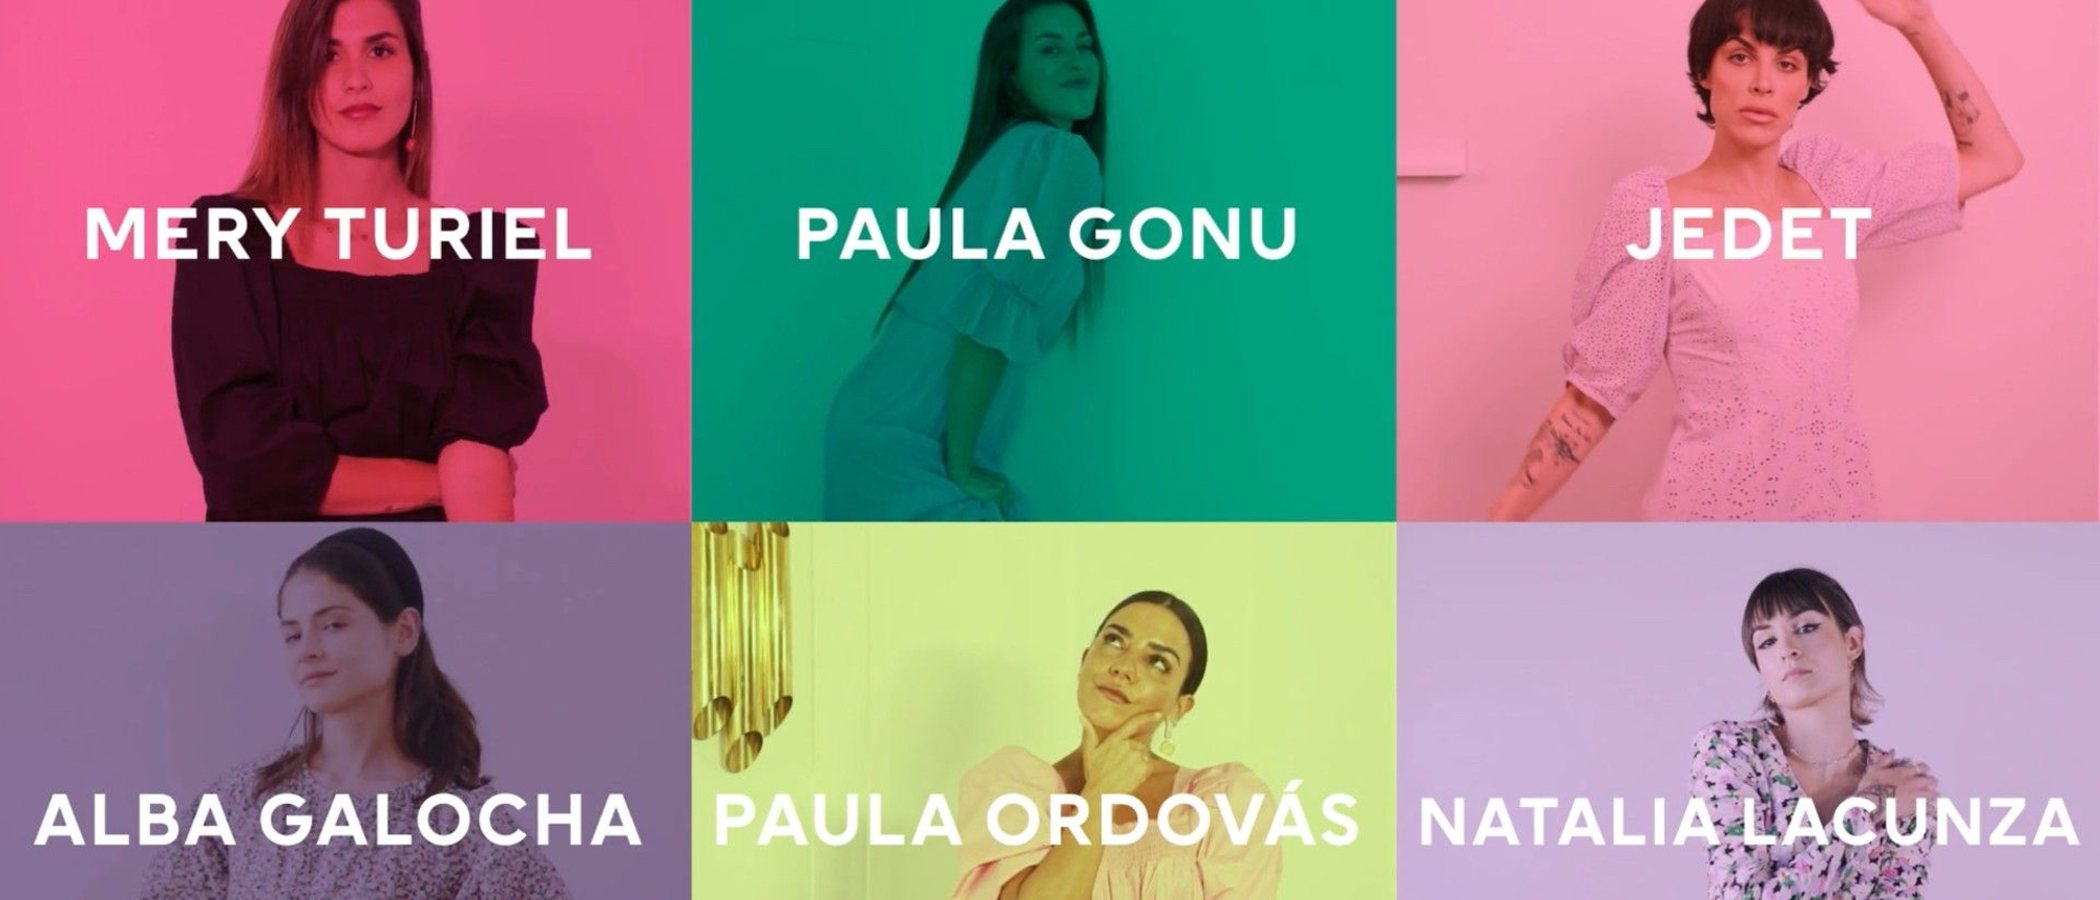 H&M presenta la colección #ConsciousDresses con su primer desfile virtual con unas modelos muy especiales